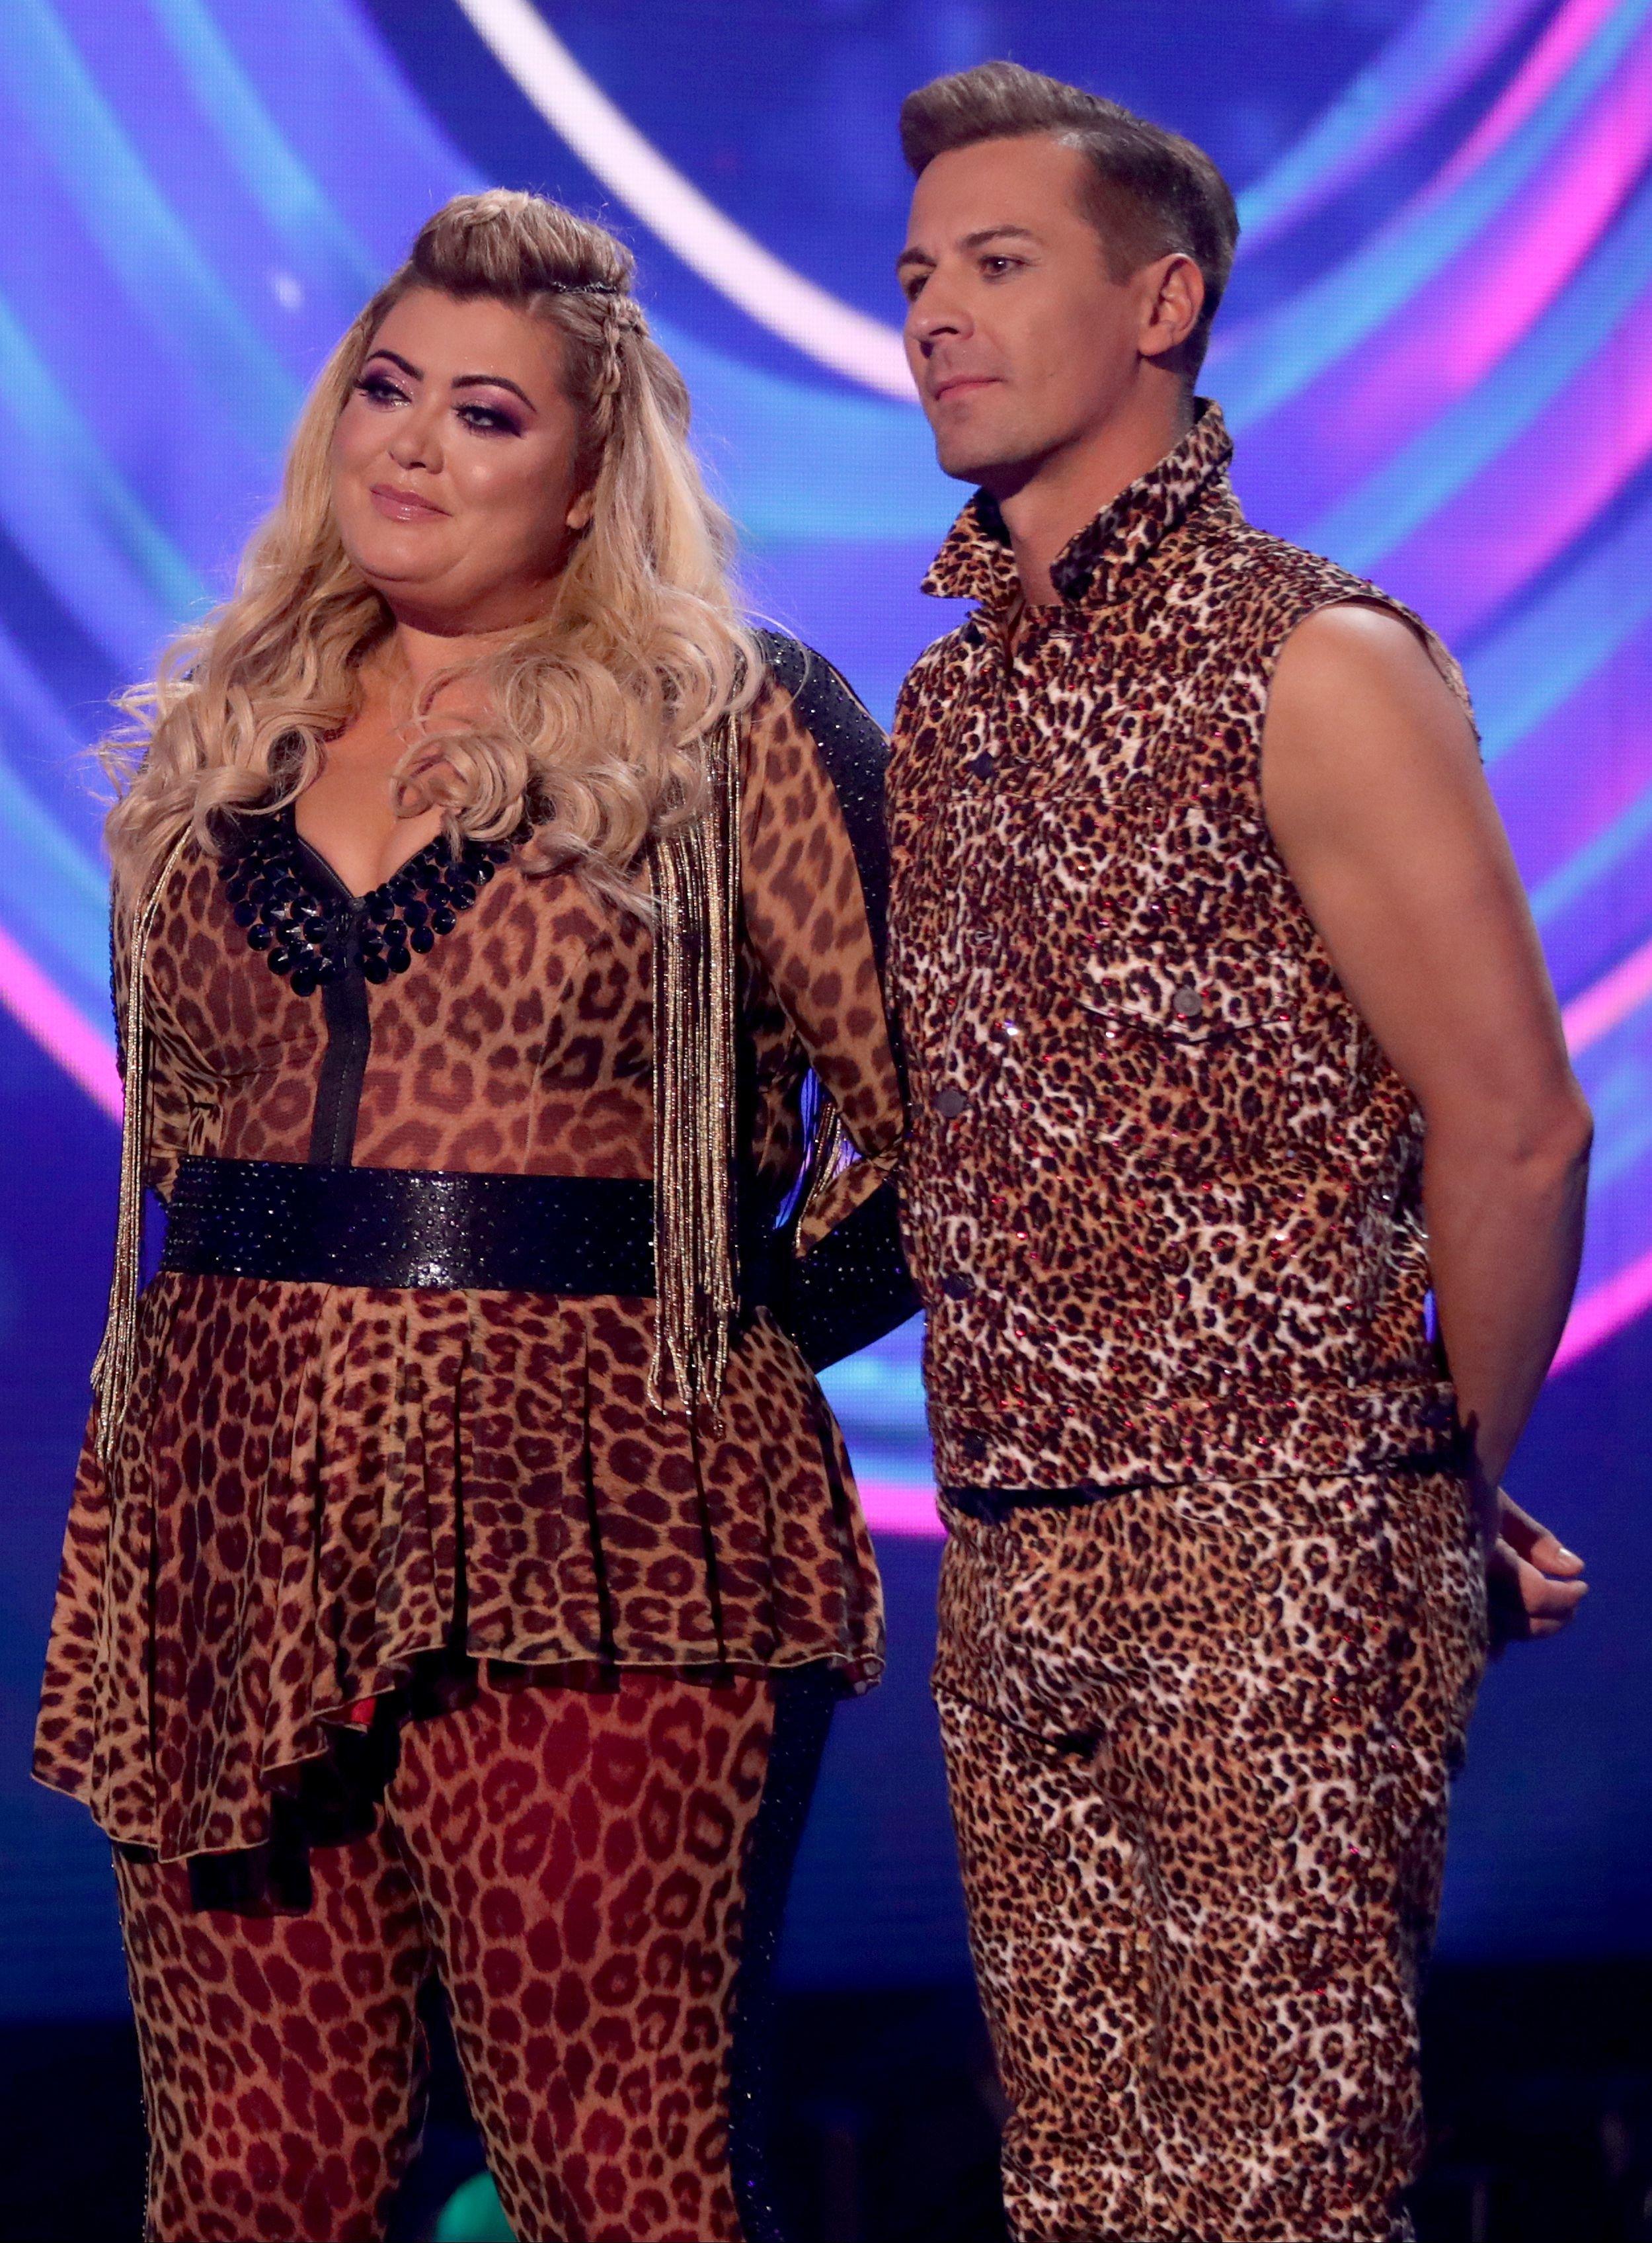 Gemma Collins and Matt